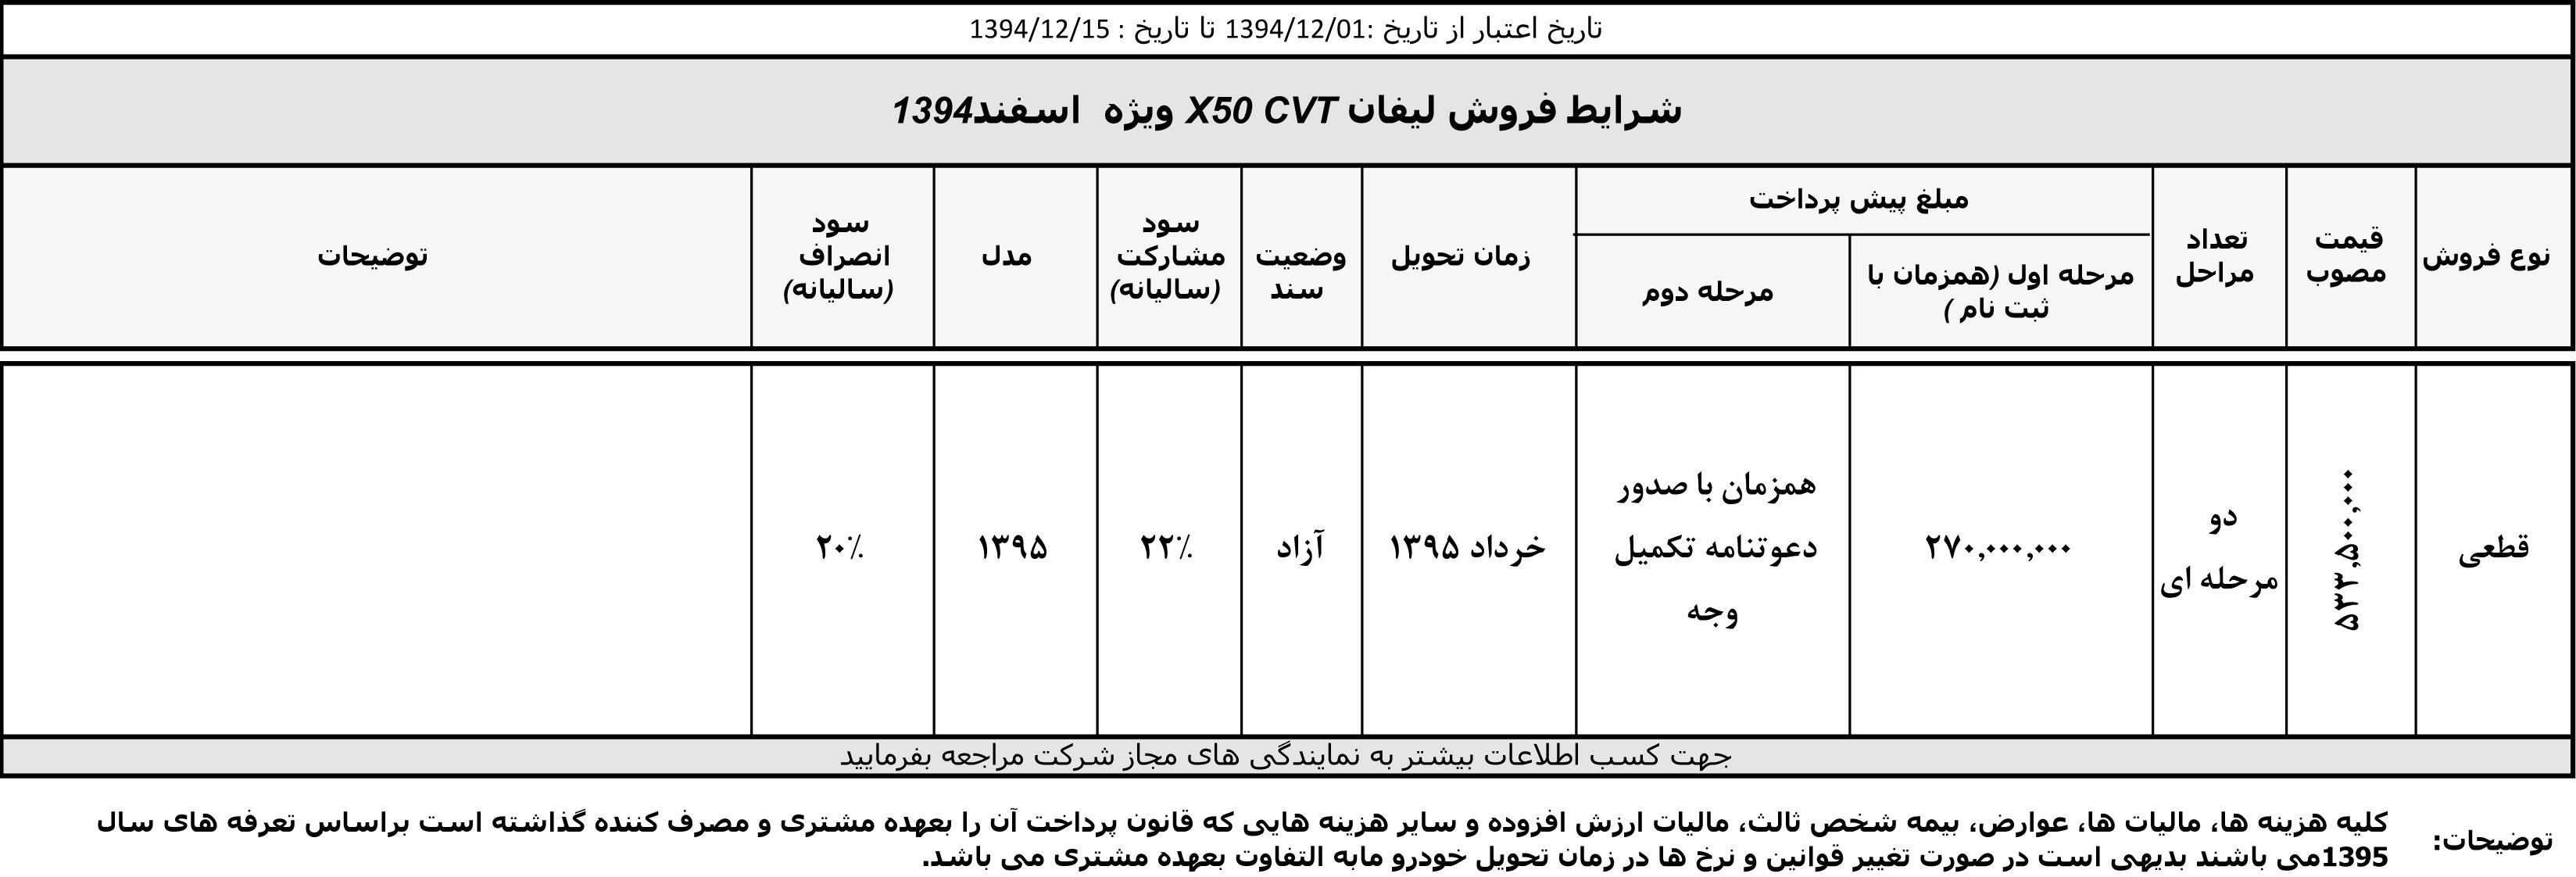 بخشنامه جدید فروش محصولات کرمان موتور - اسفند ماه 94